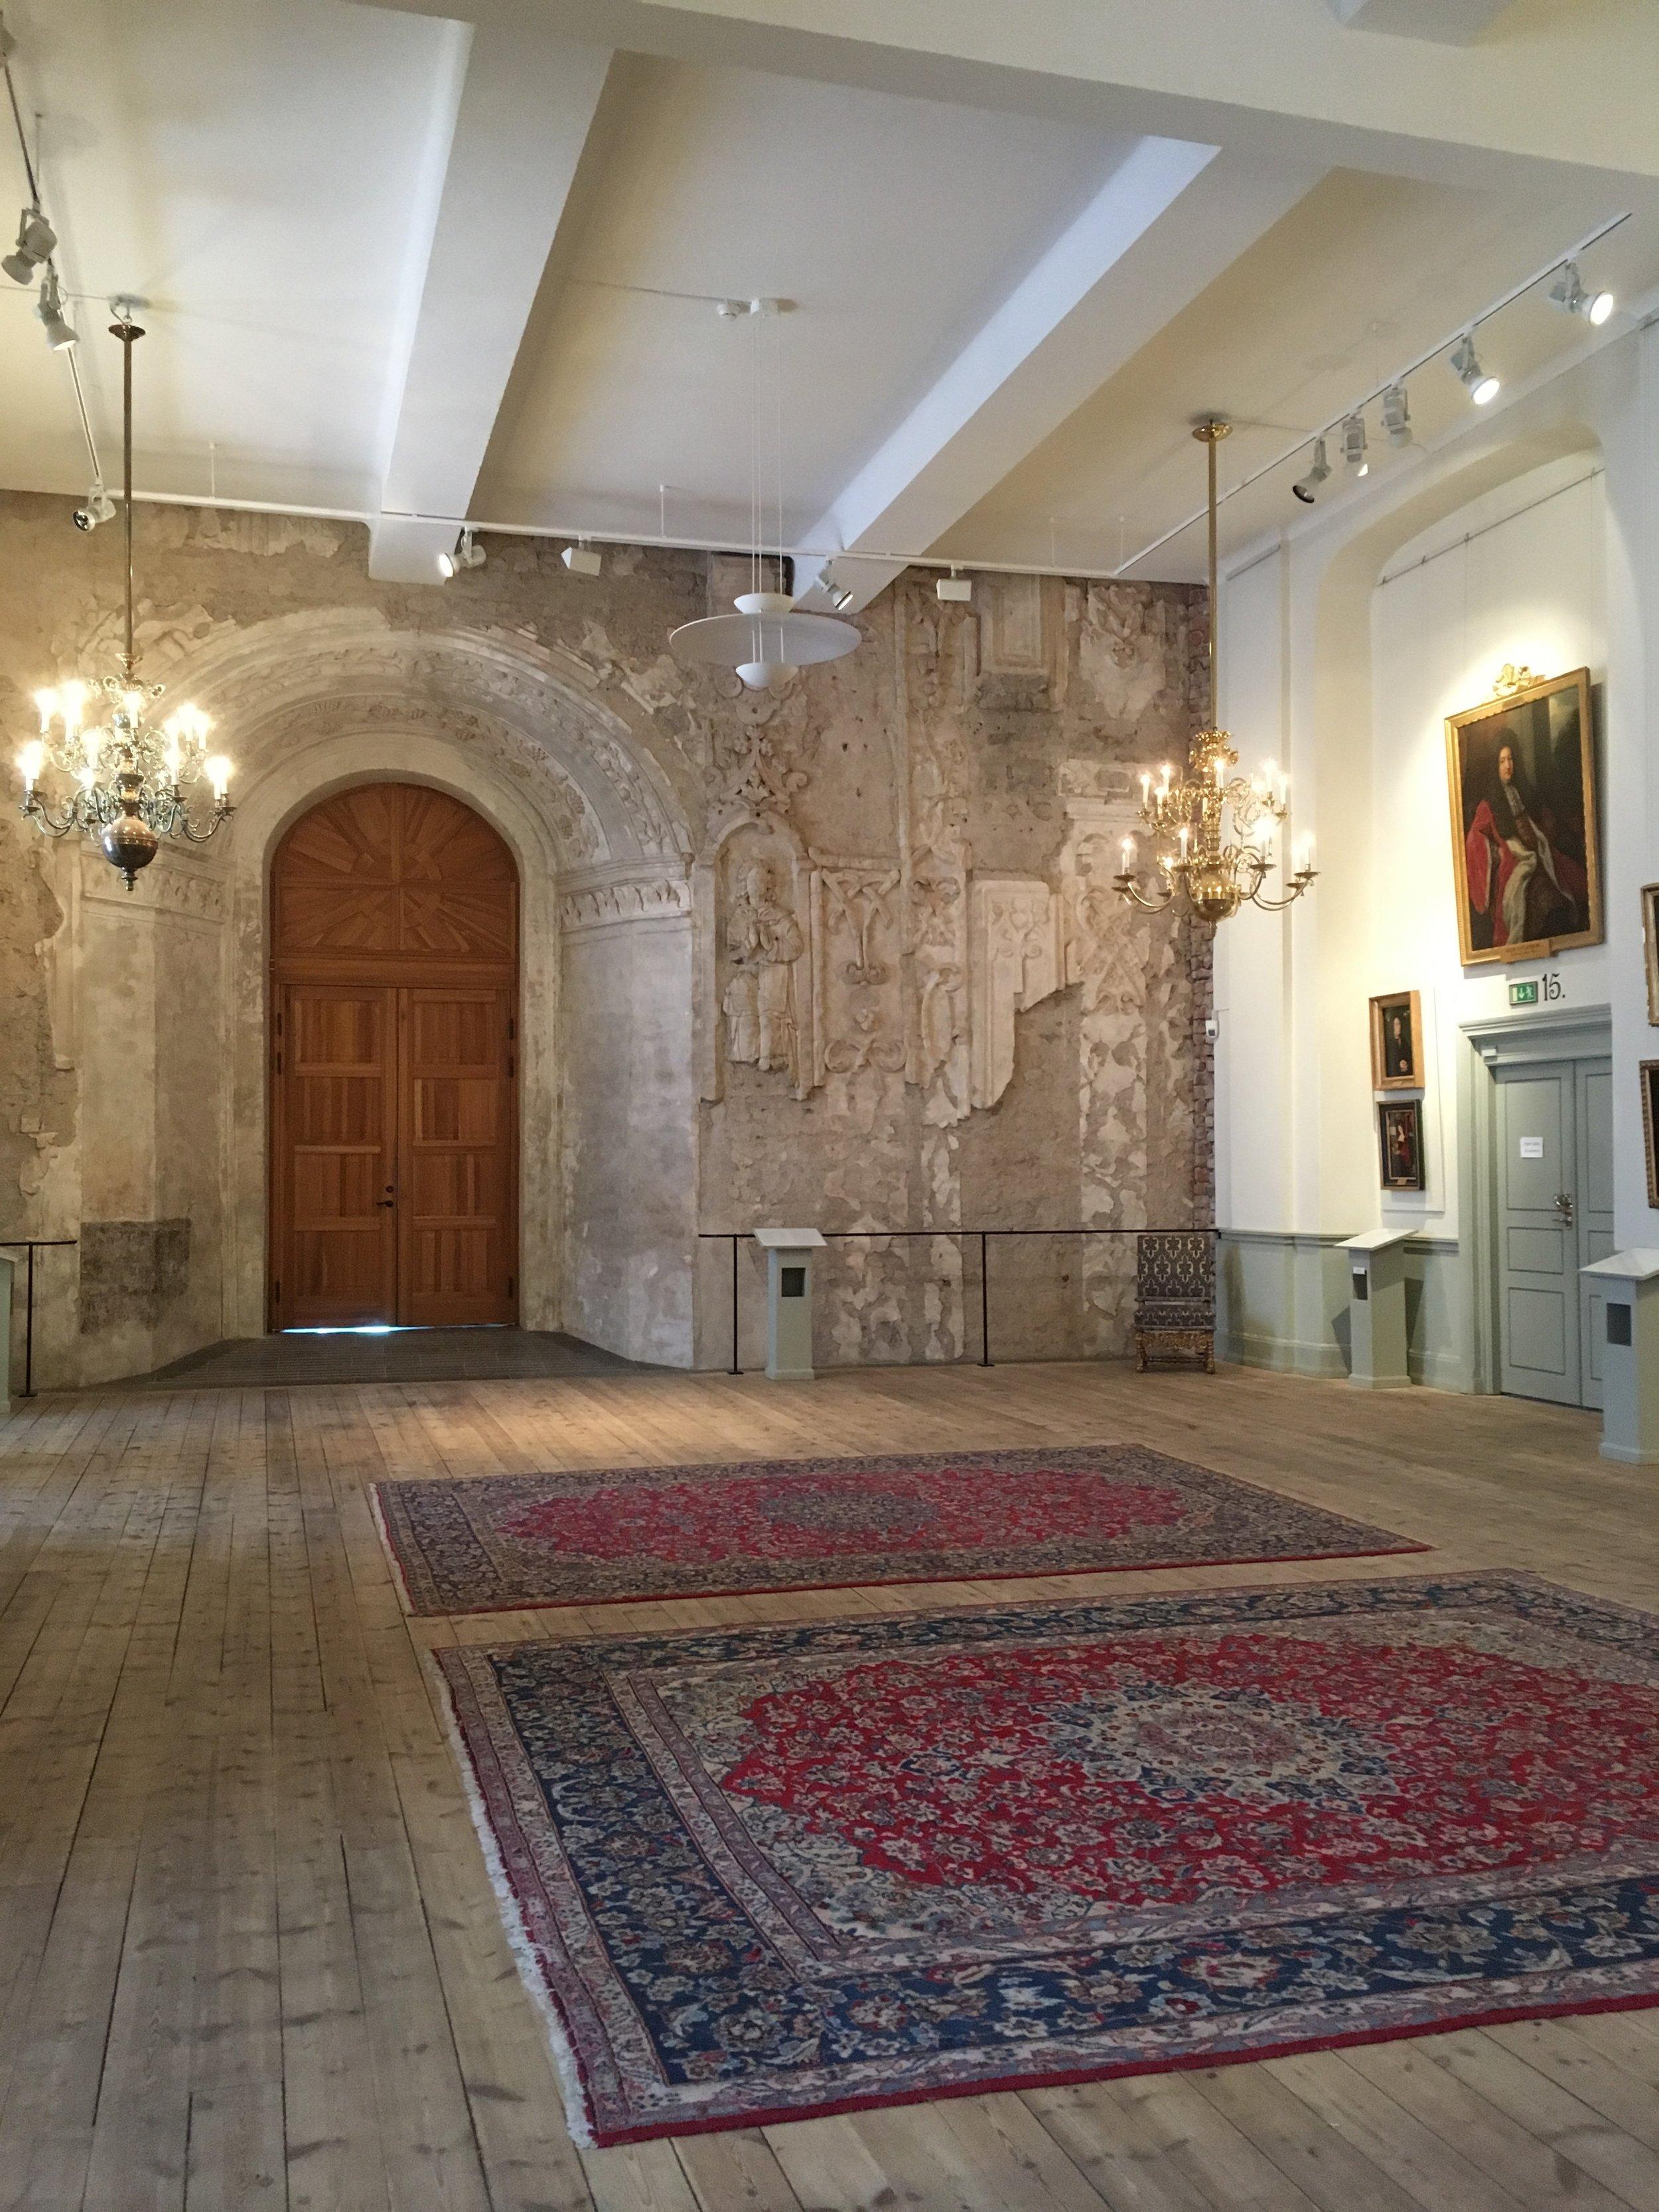 Linnassa aiemmin olleeseen kappeliin on rakennettu kerrokset, ja käyttötarkoitus on muutettu. Vanhan kappelin koristeet tosin näkyvät paikoittain.